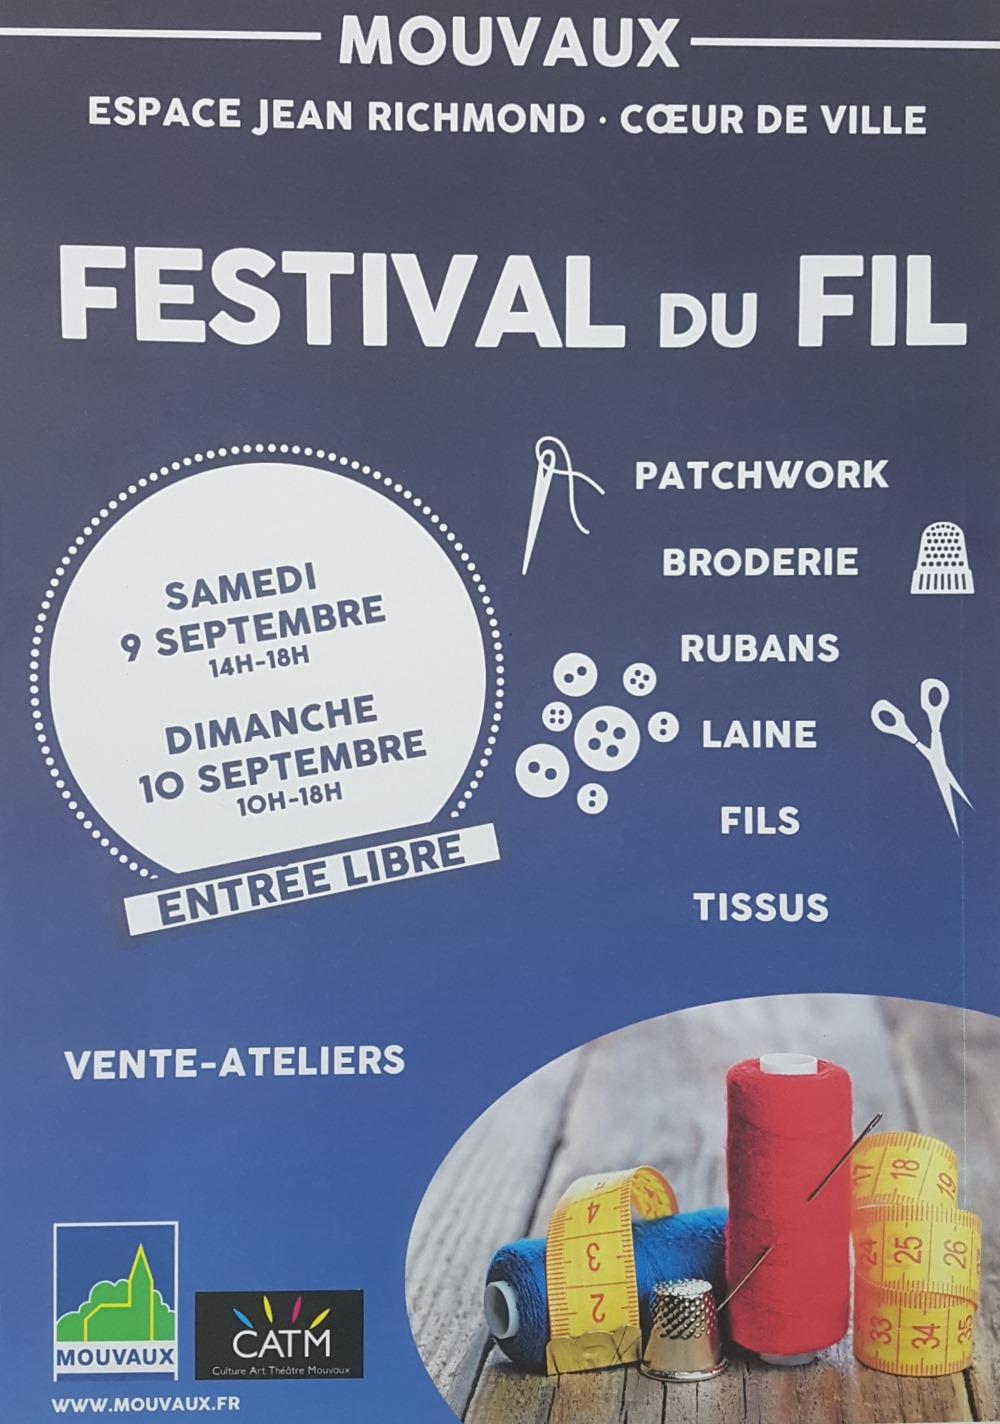 Festival du fil Mouvaux 2017